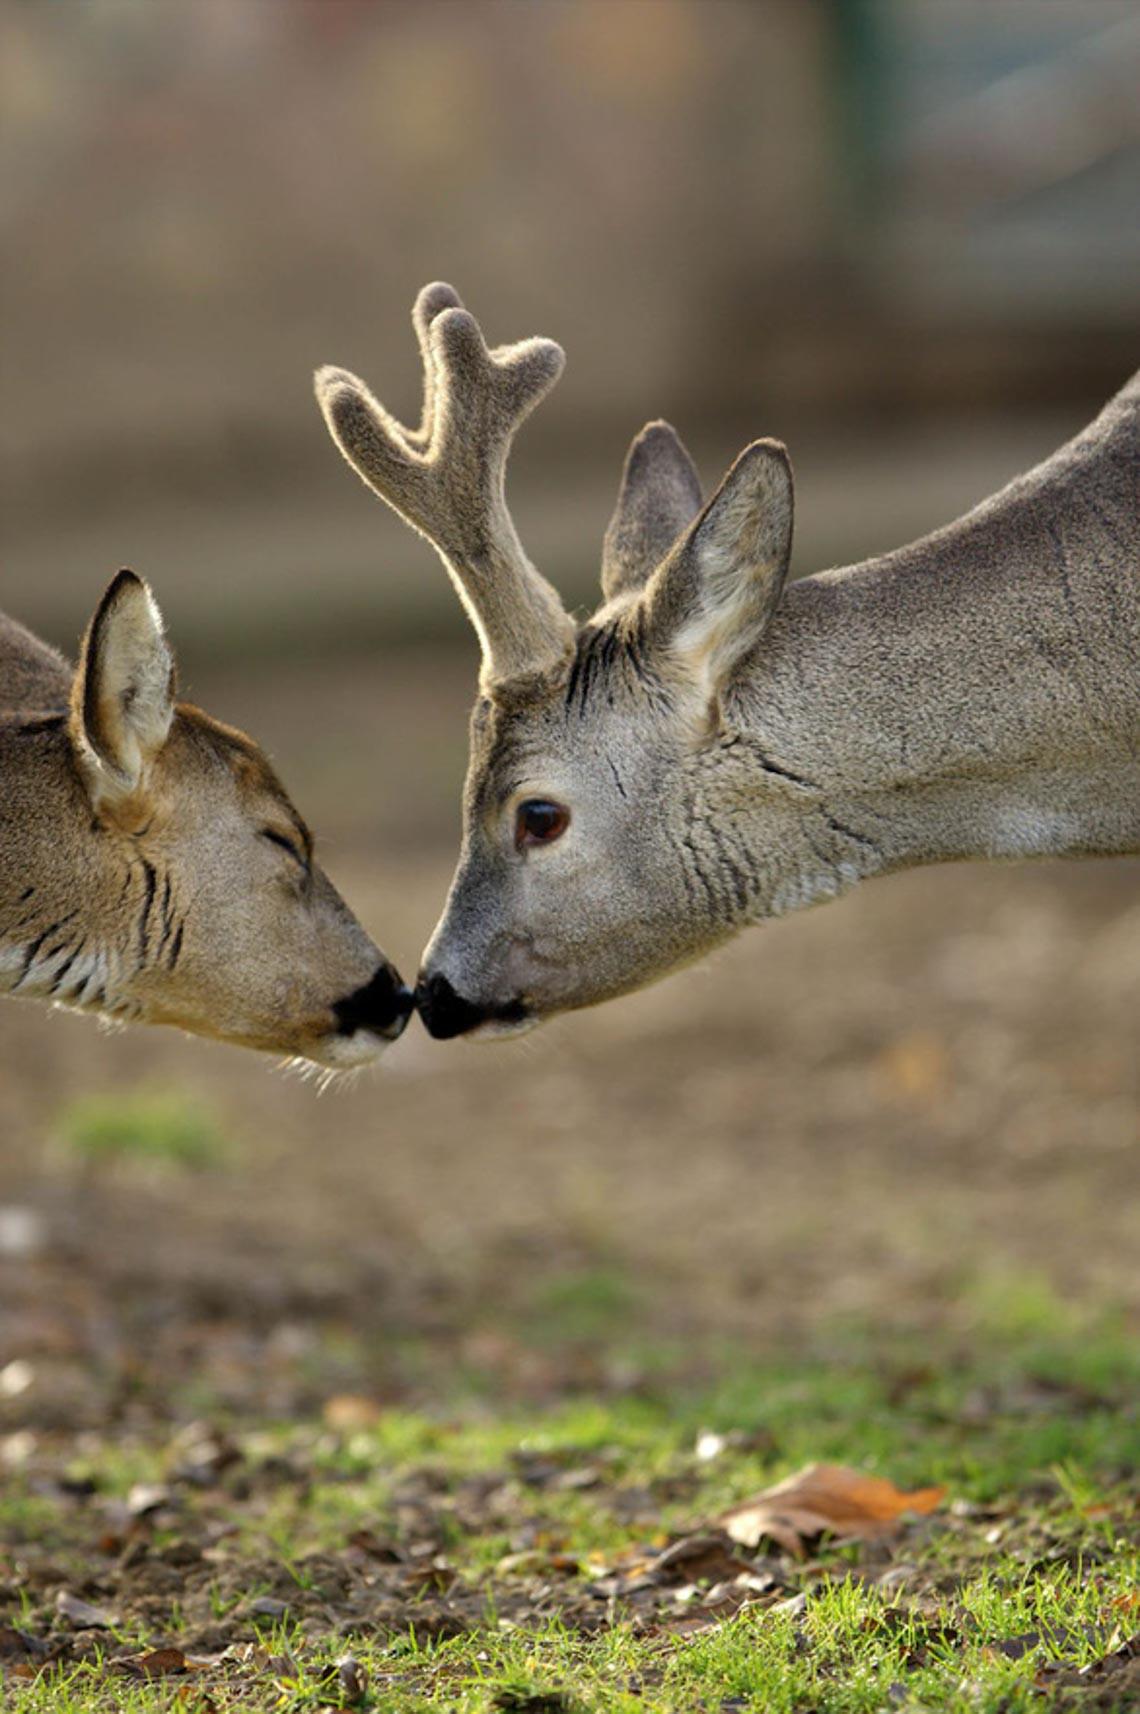 Động vật hôn nhau bày tỏ yêu thương ngọt ngào hơn cả người -14